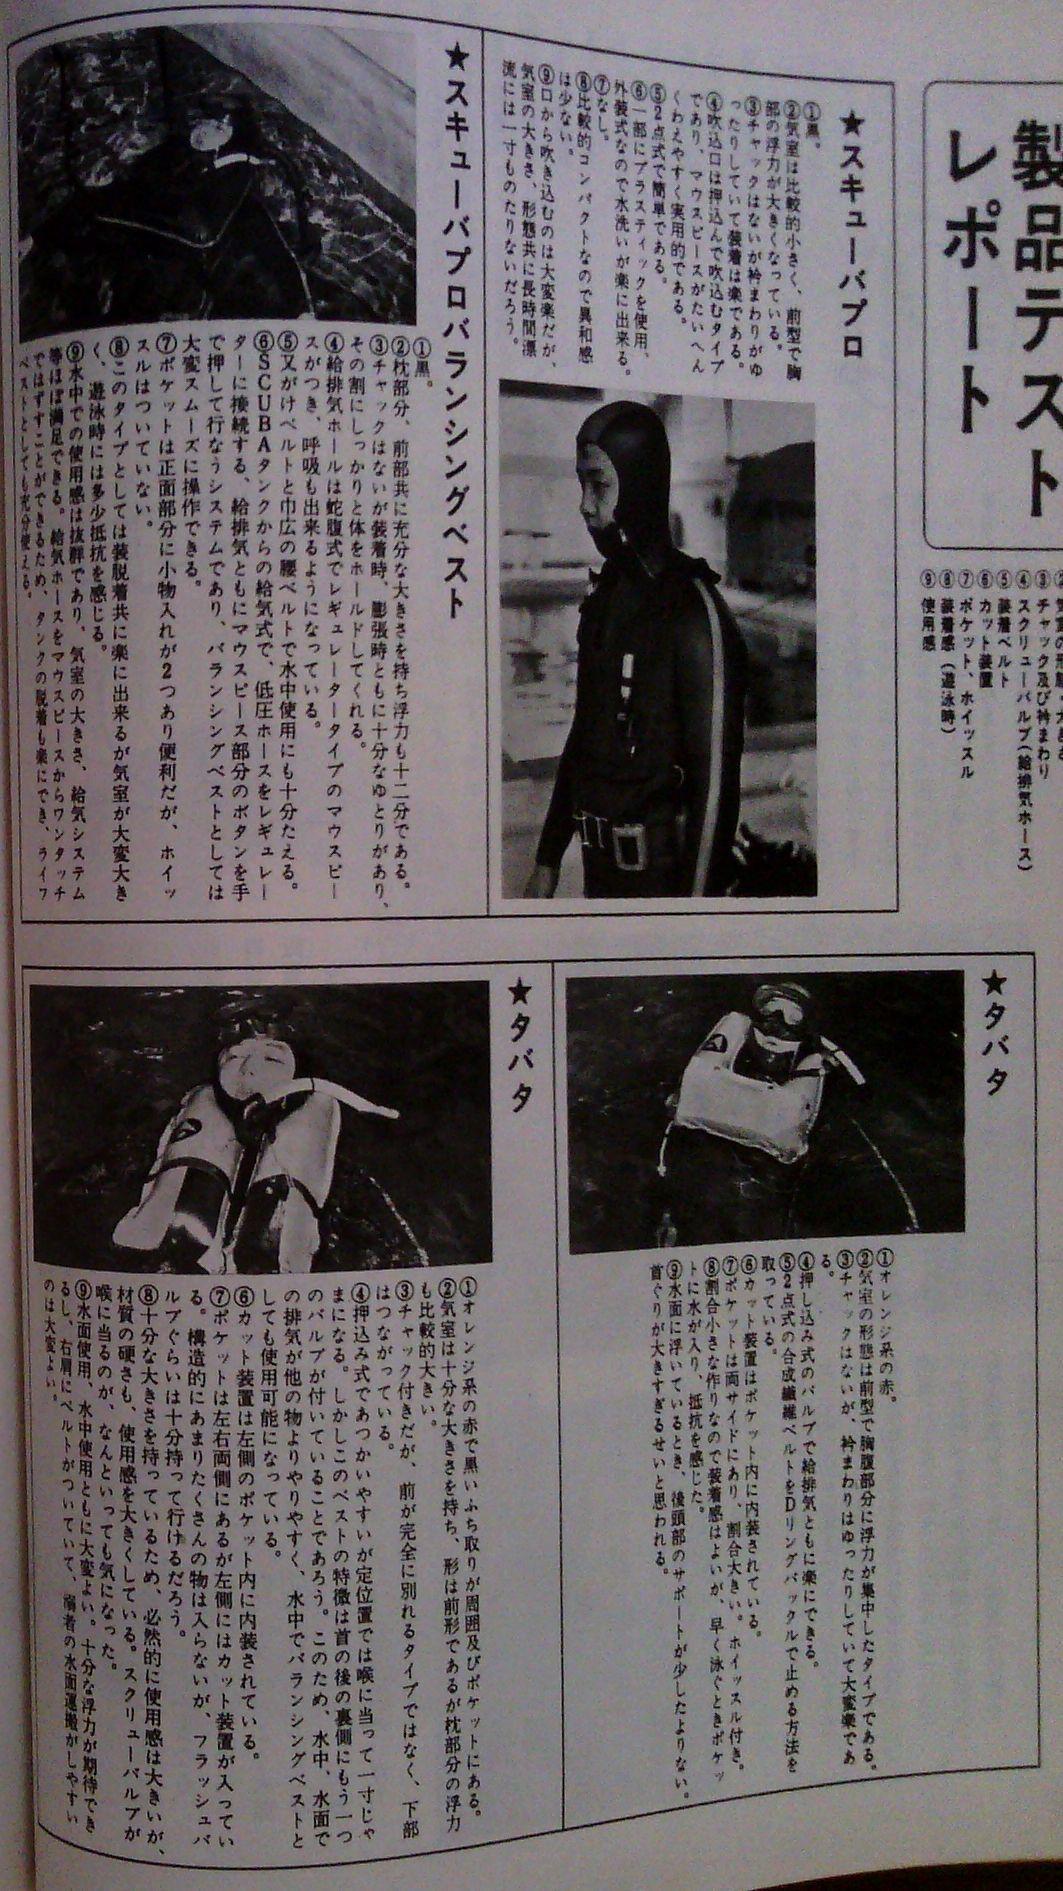 0329  ダイビングの歴史61 海の世界1973-1_b0075059_15130809.jpg